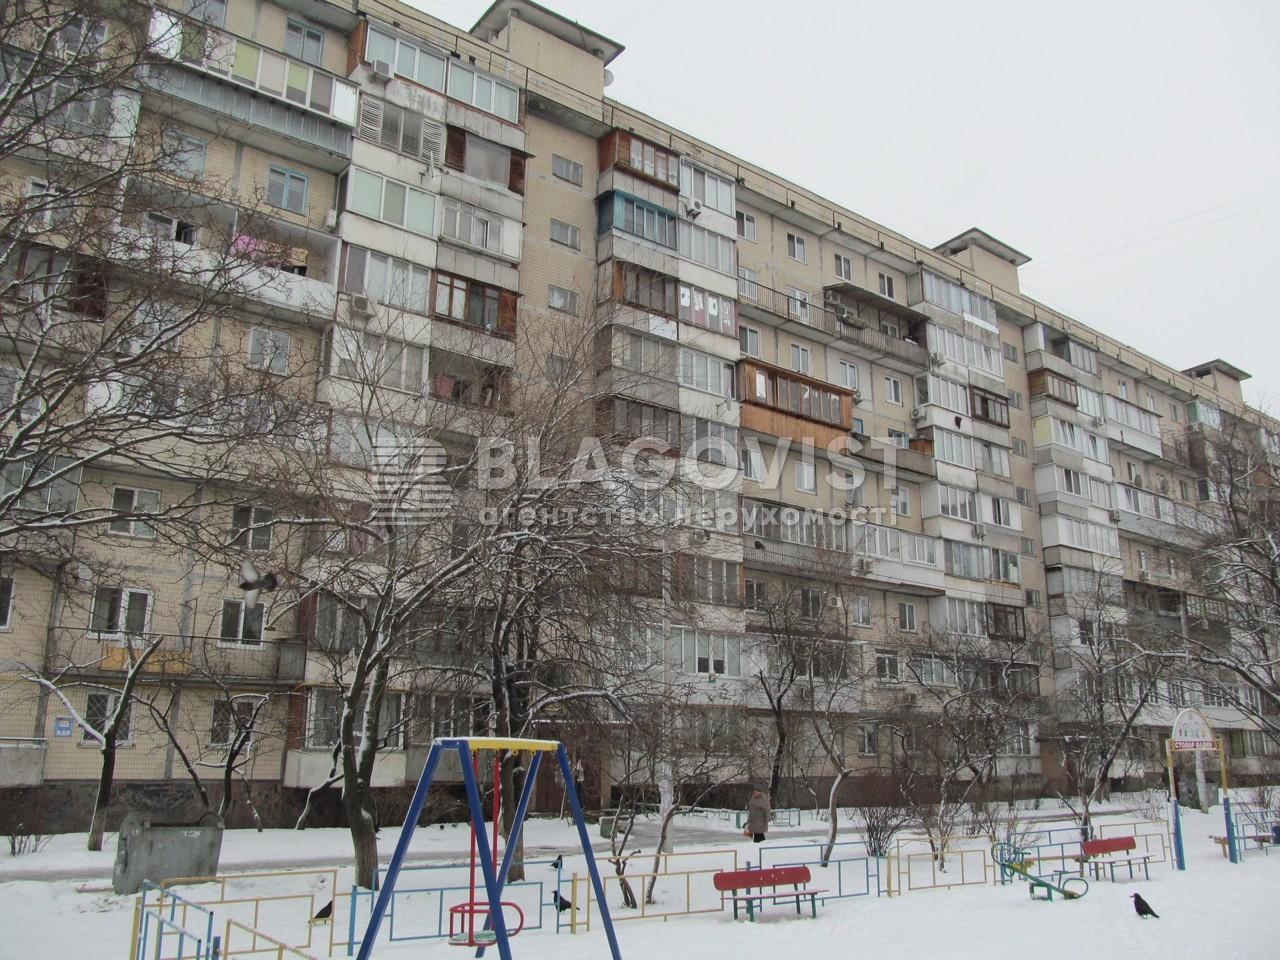 Квартира R-39649, Оболонский просп., 5, Киев - Фото 1